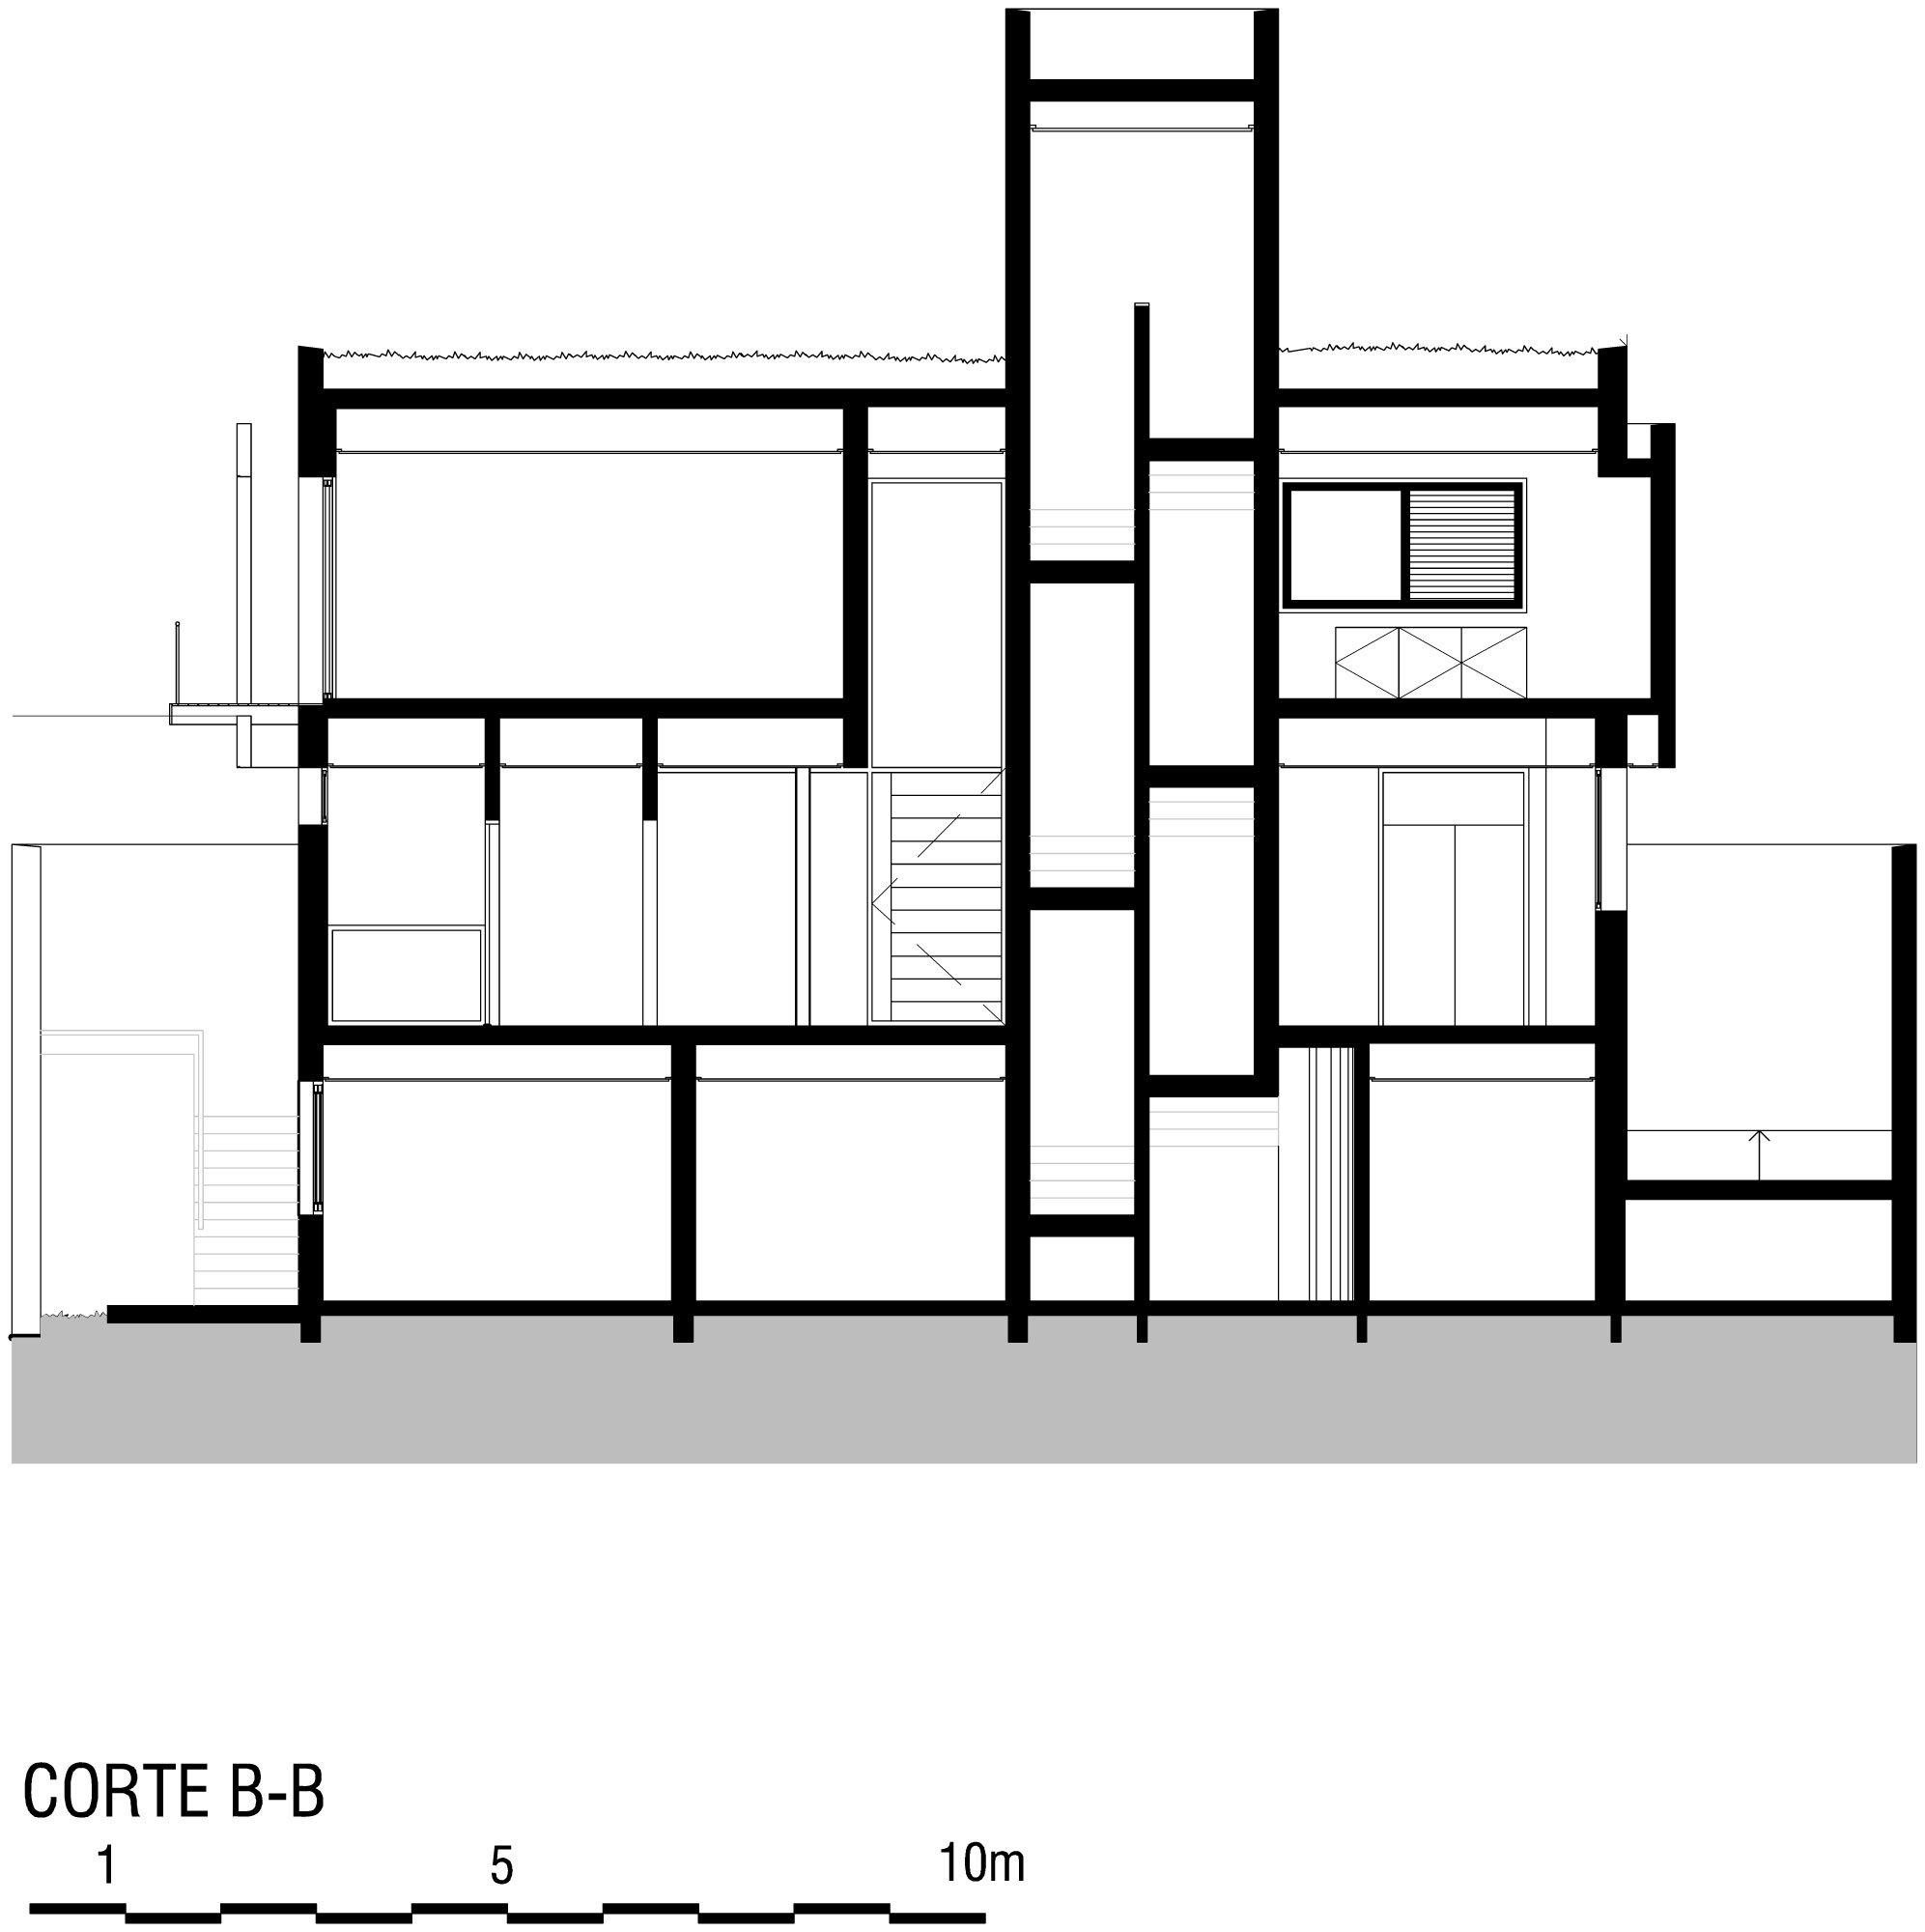 MG-Residence-28